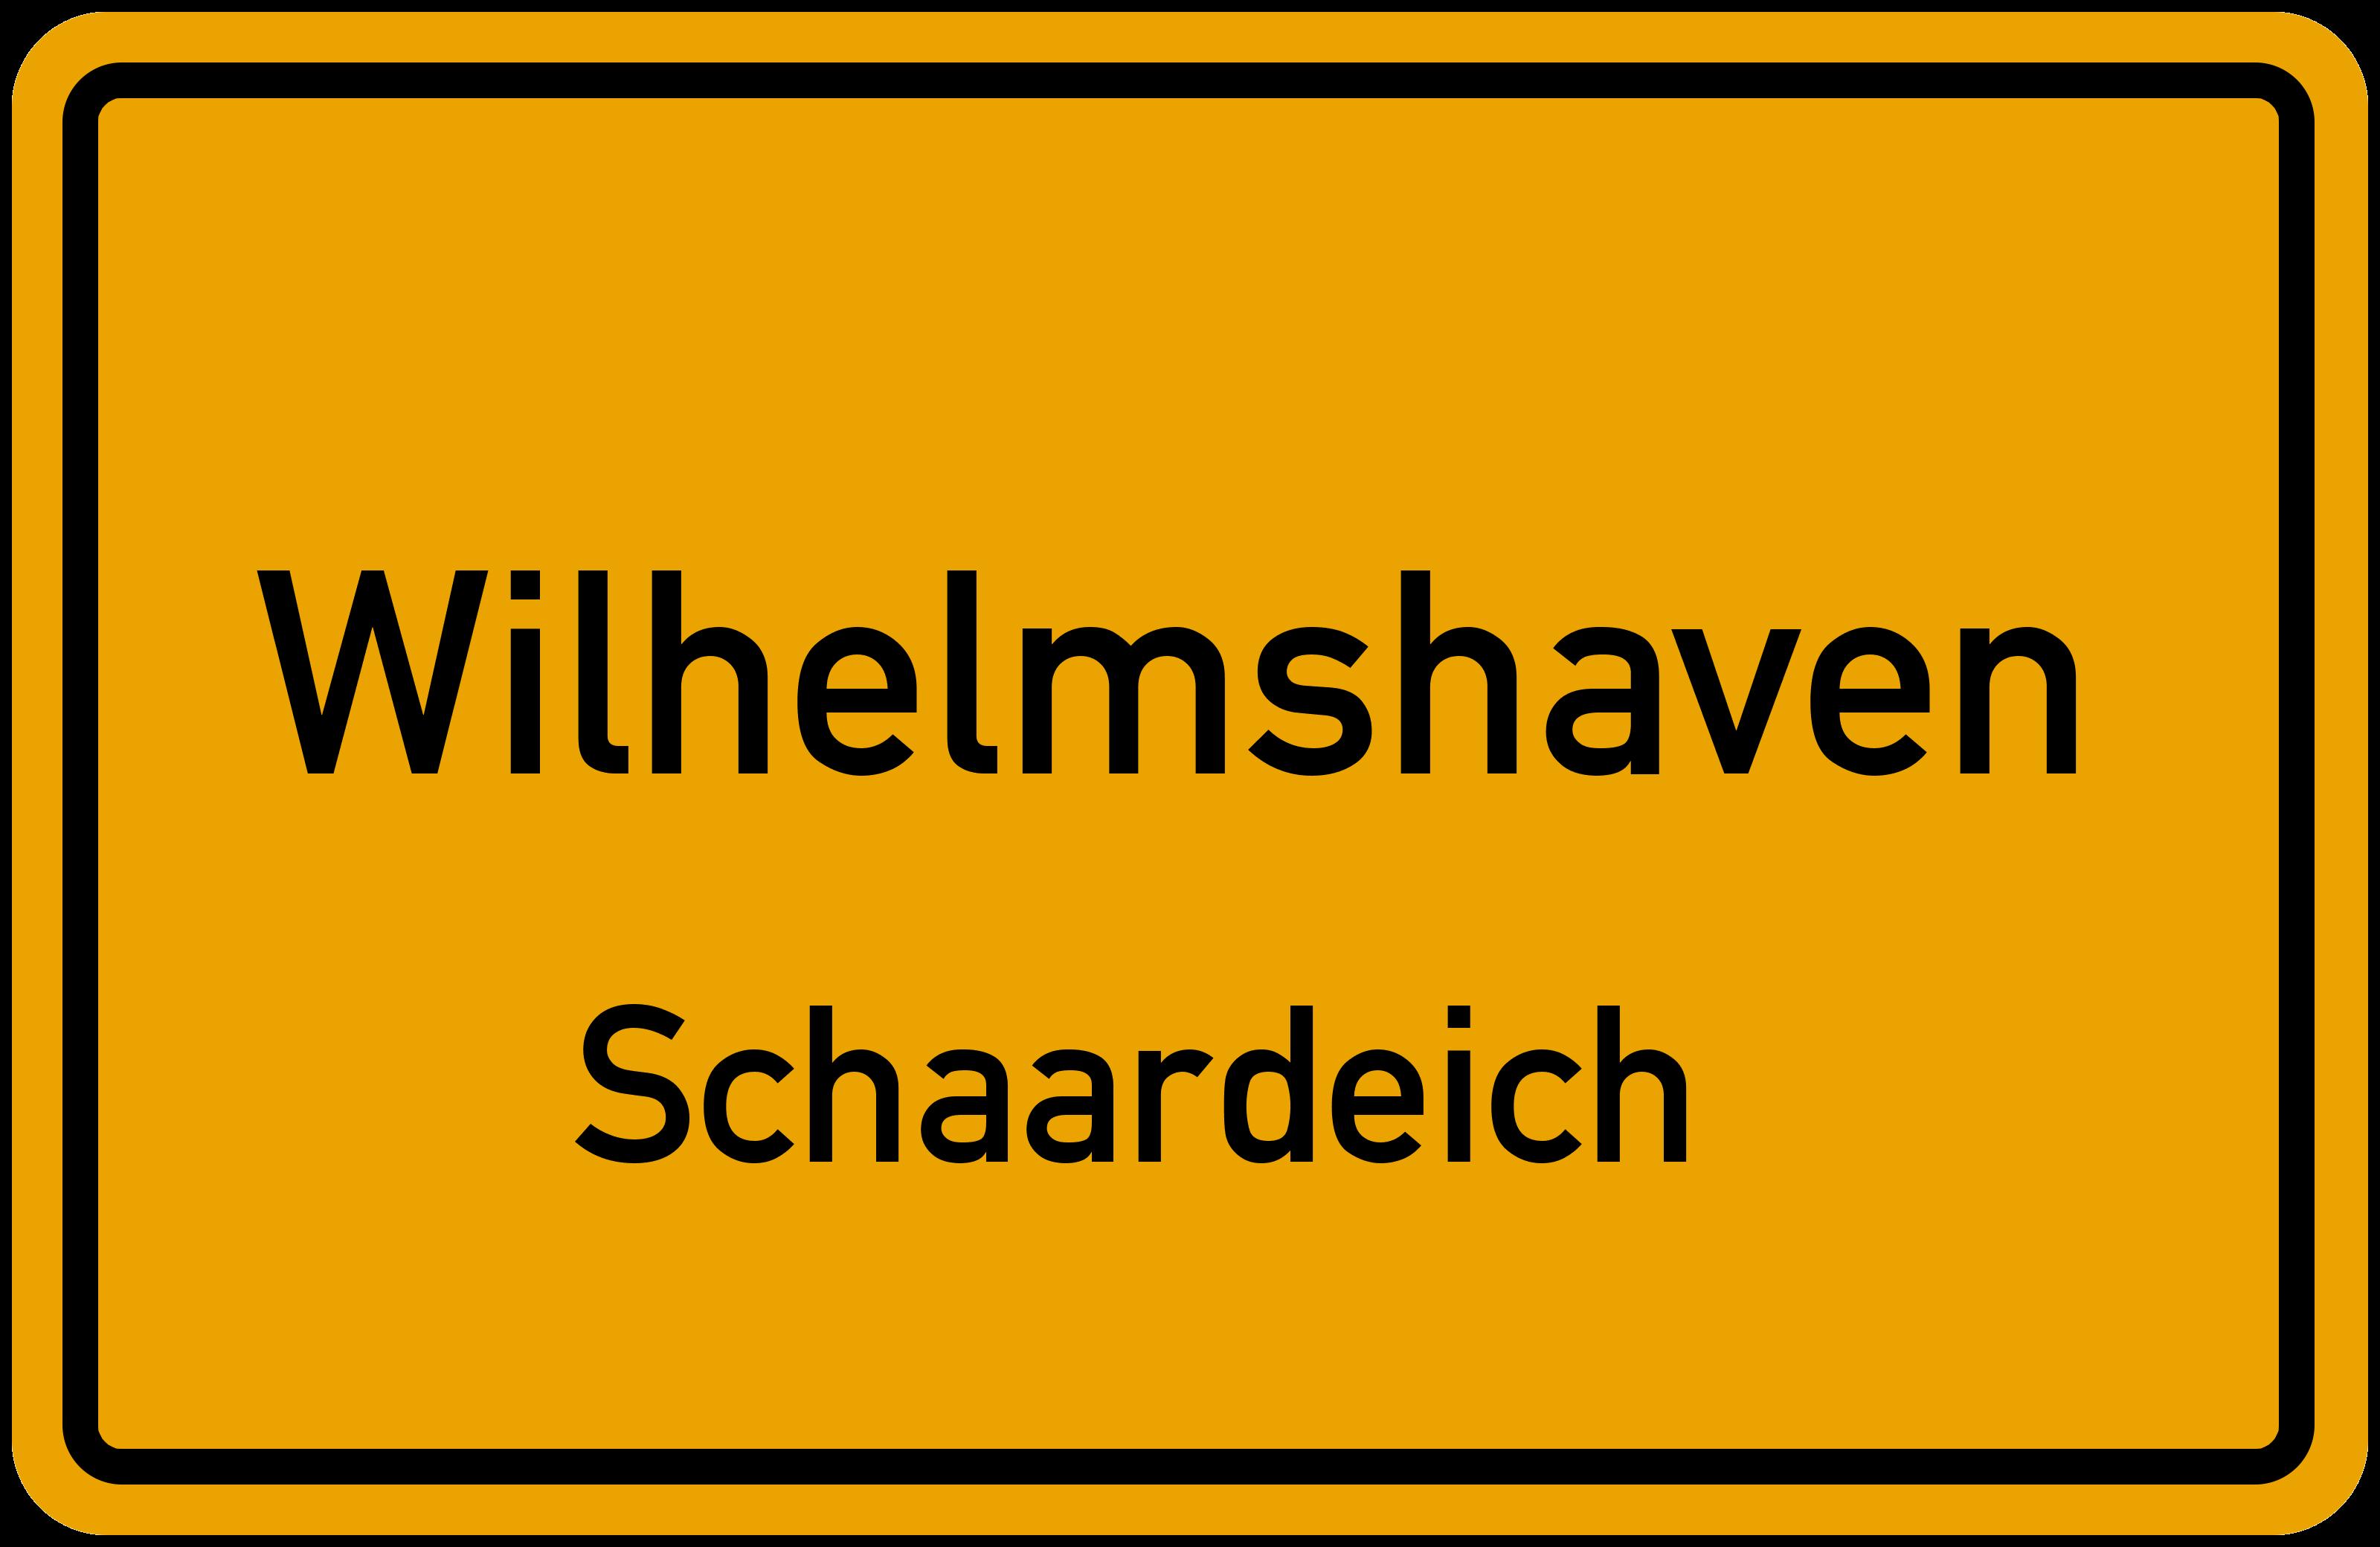 Veranstaltungen in wilhelmshaven und umgebung